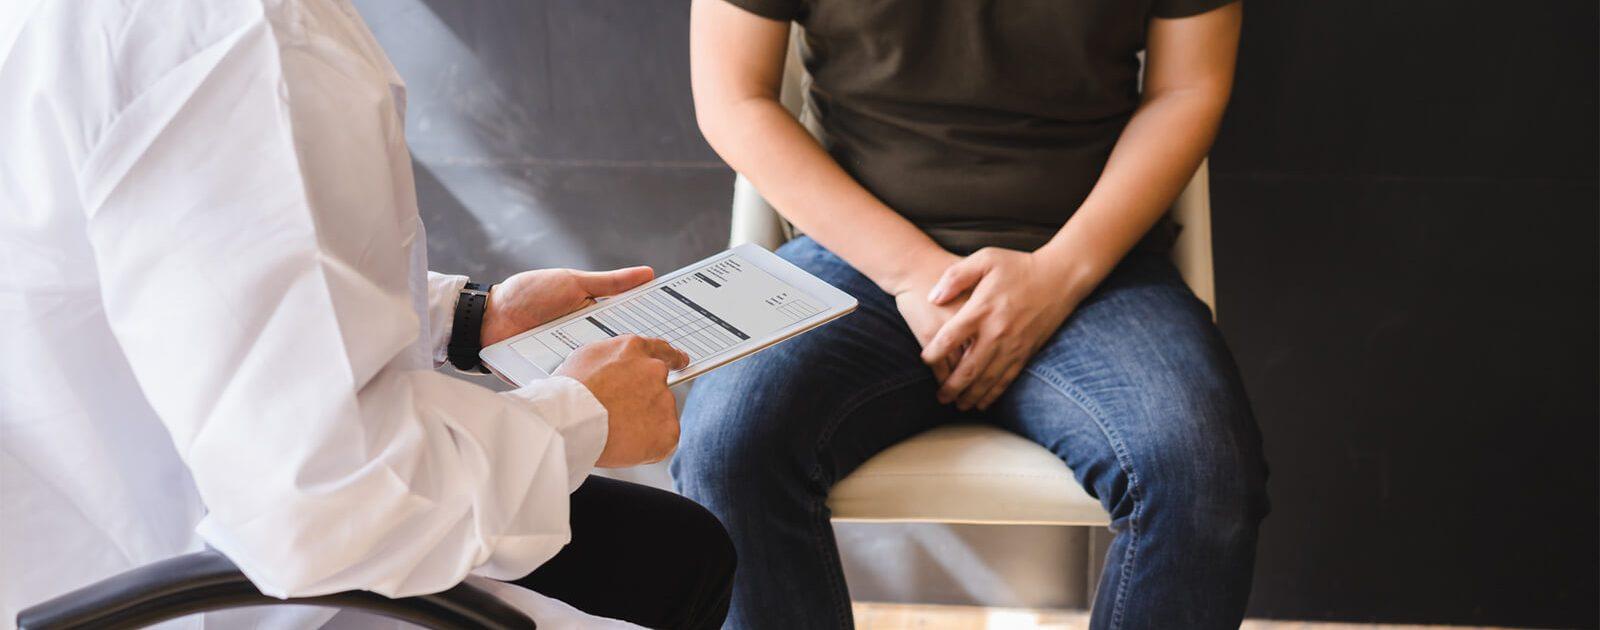 Mann berät sich mit seinem Arzt über die Behandlung seines Testosteronmangels.